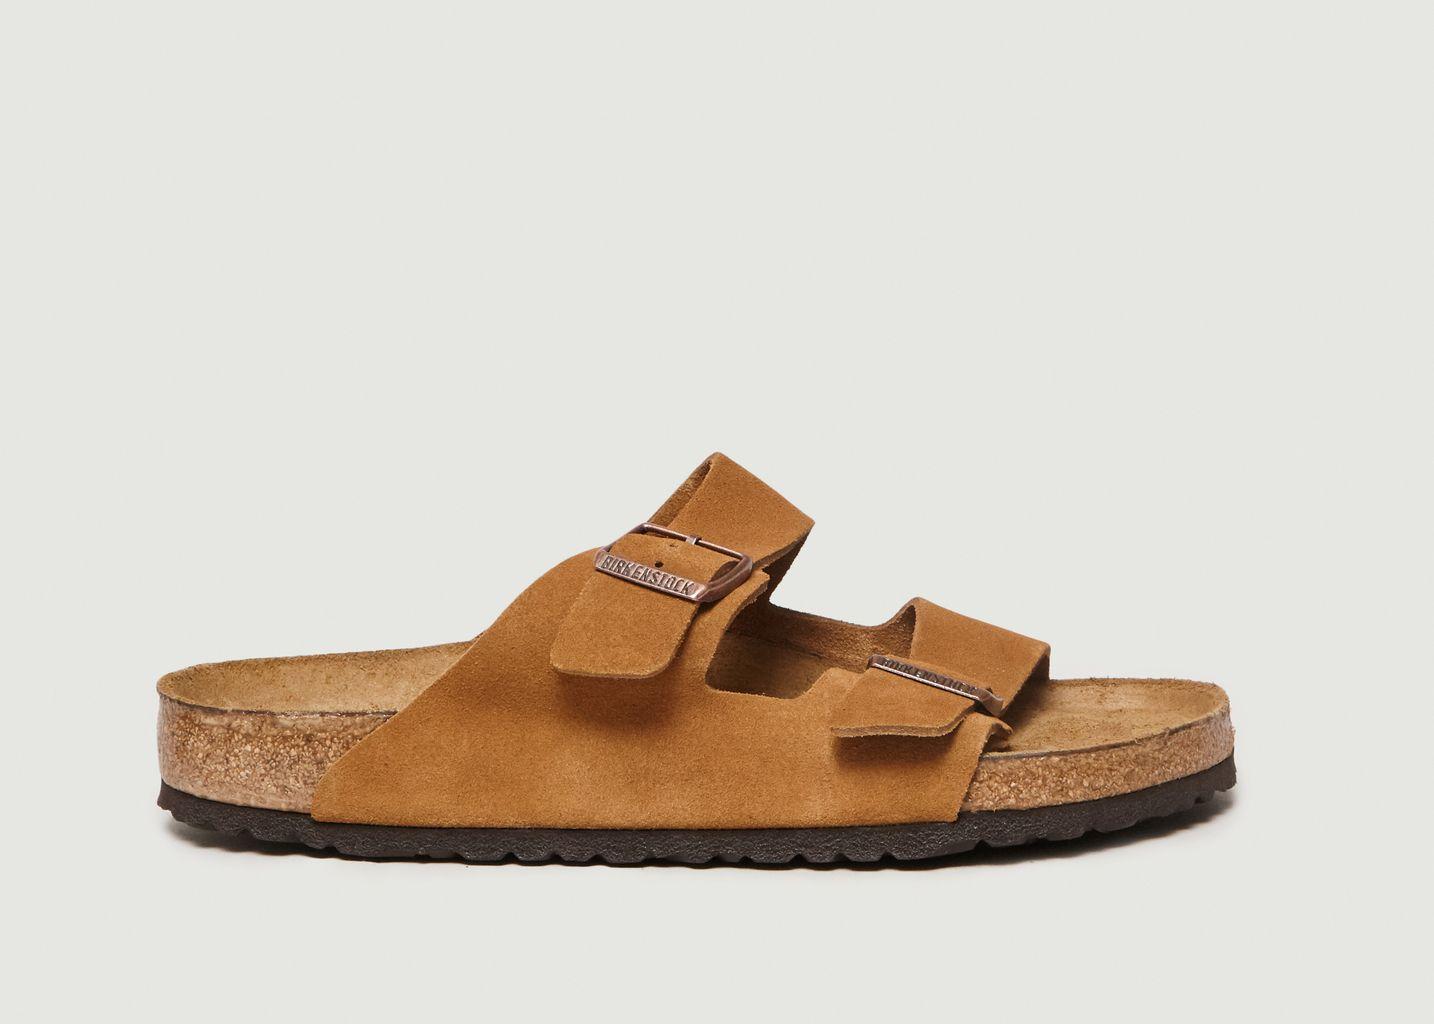 Sandales Arizona Suede - Birkenstock